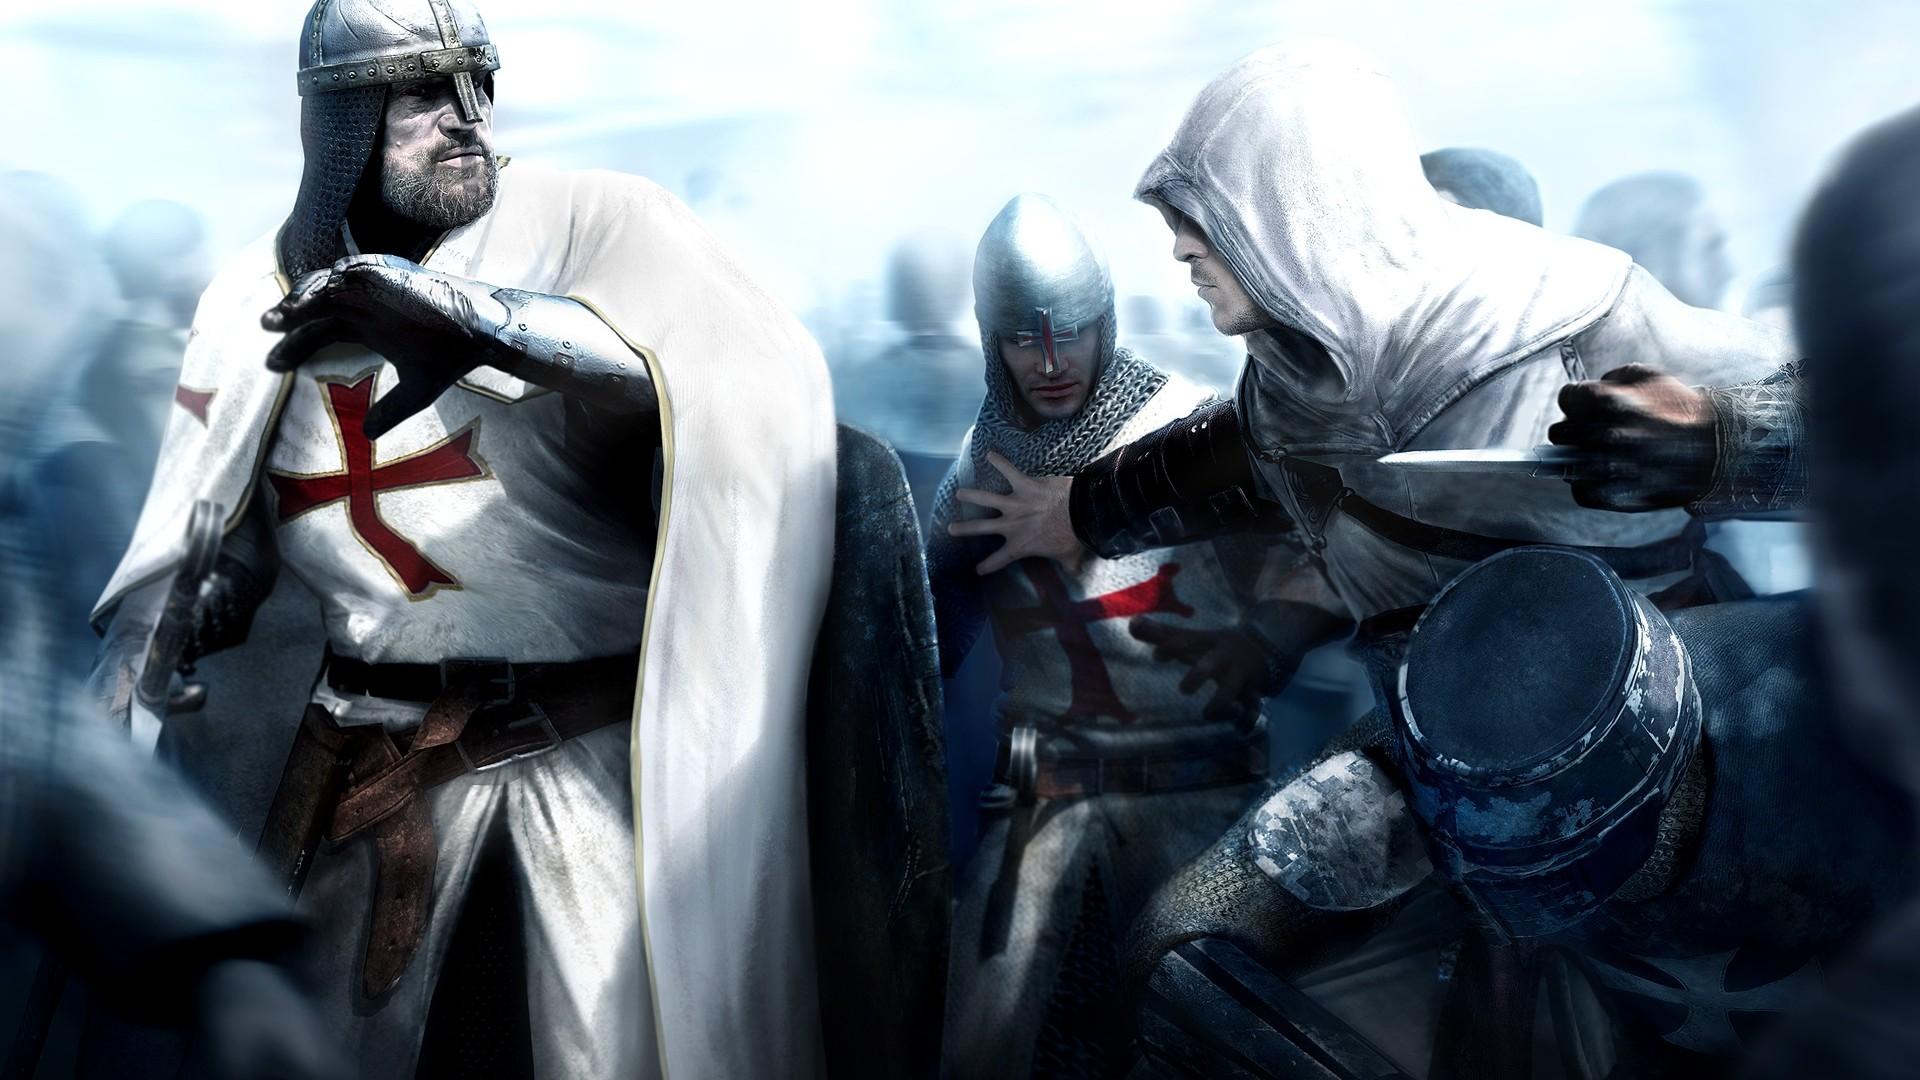 Assassins Creed Wallpaper 1920x1080 Assassins Creed Altair Templars 1920x1080